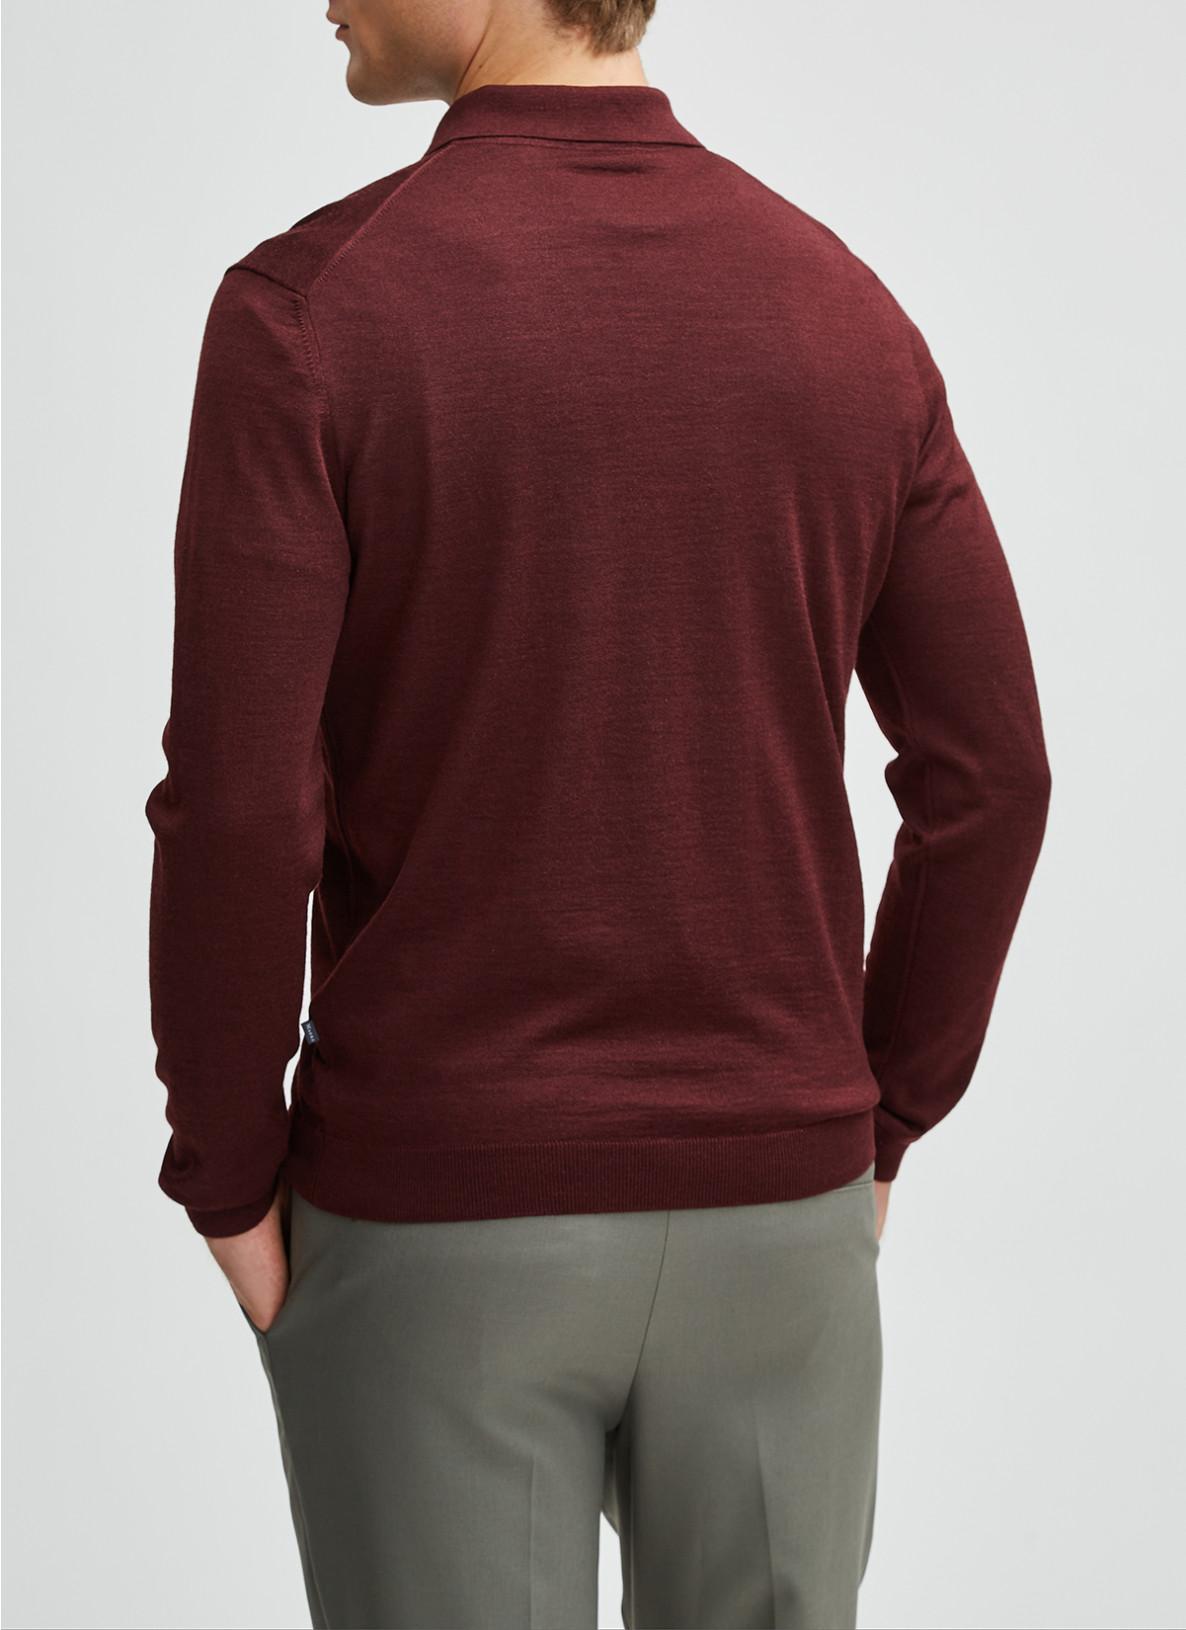 Pullover Polokragen, Knopf 1/1 Arm, Dark BerryRückansicht